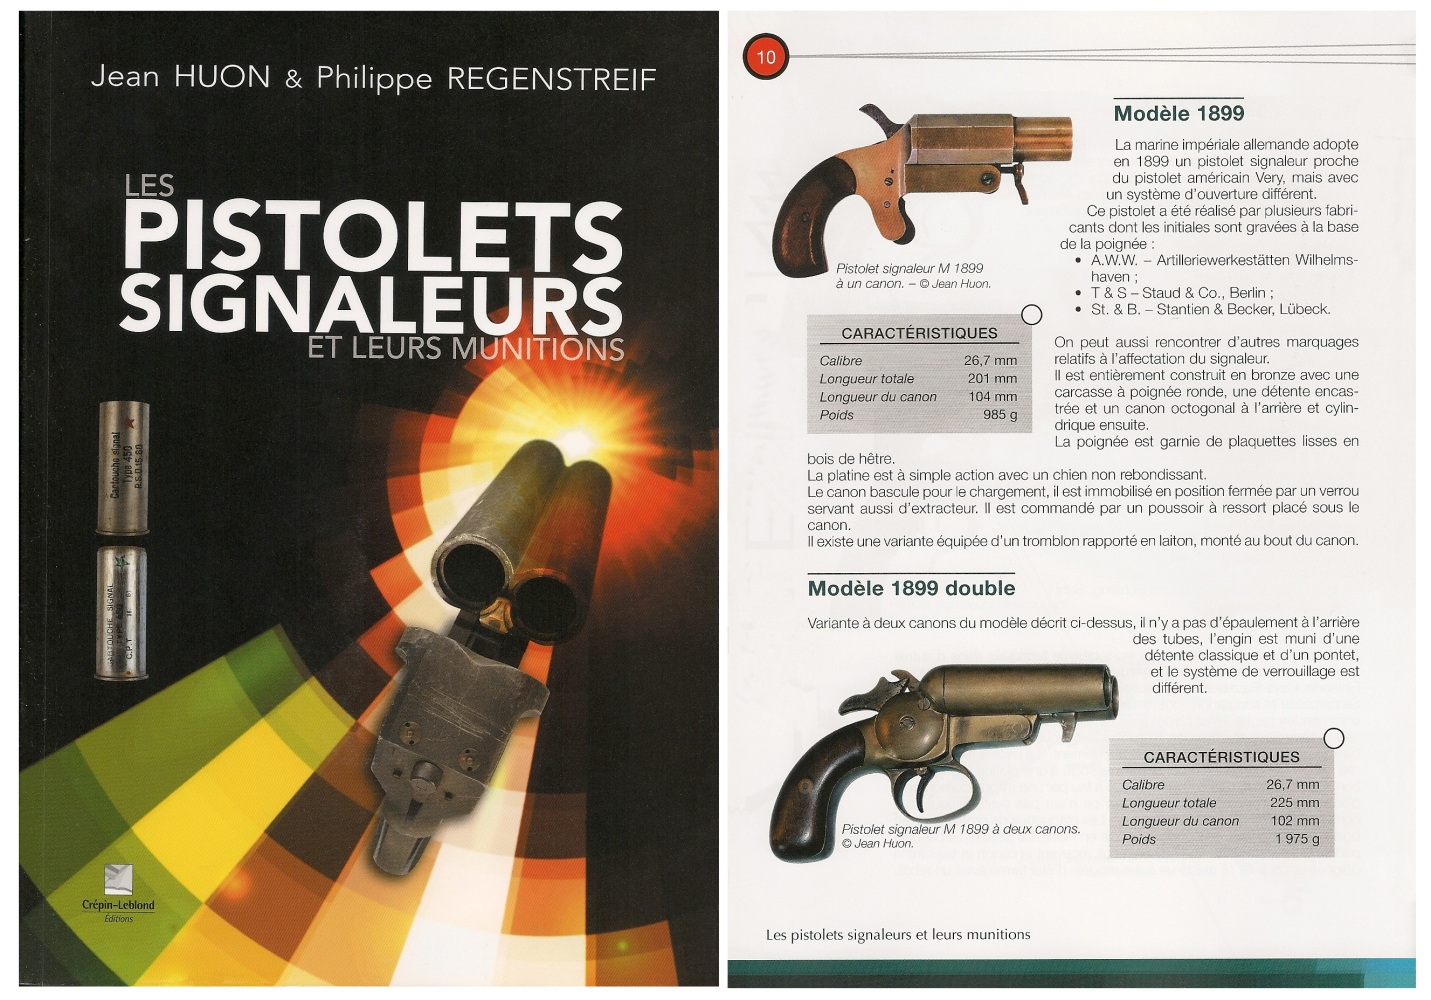 « Les pistolets signaleurs et leurs munitions » par Jean Huon & Philippe Regenstreif, Editions Crépin-Leblond.